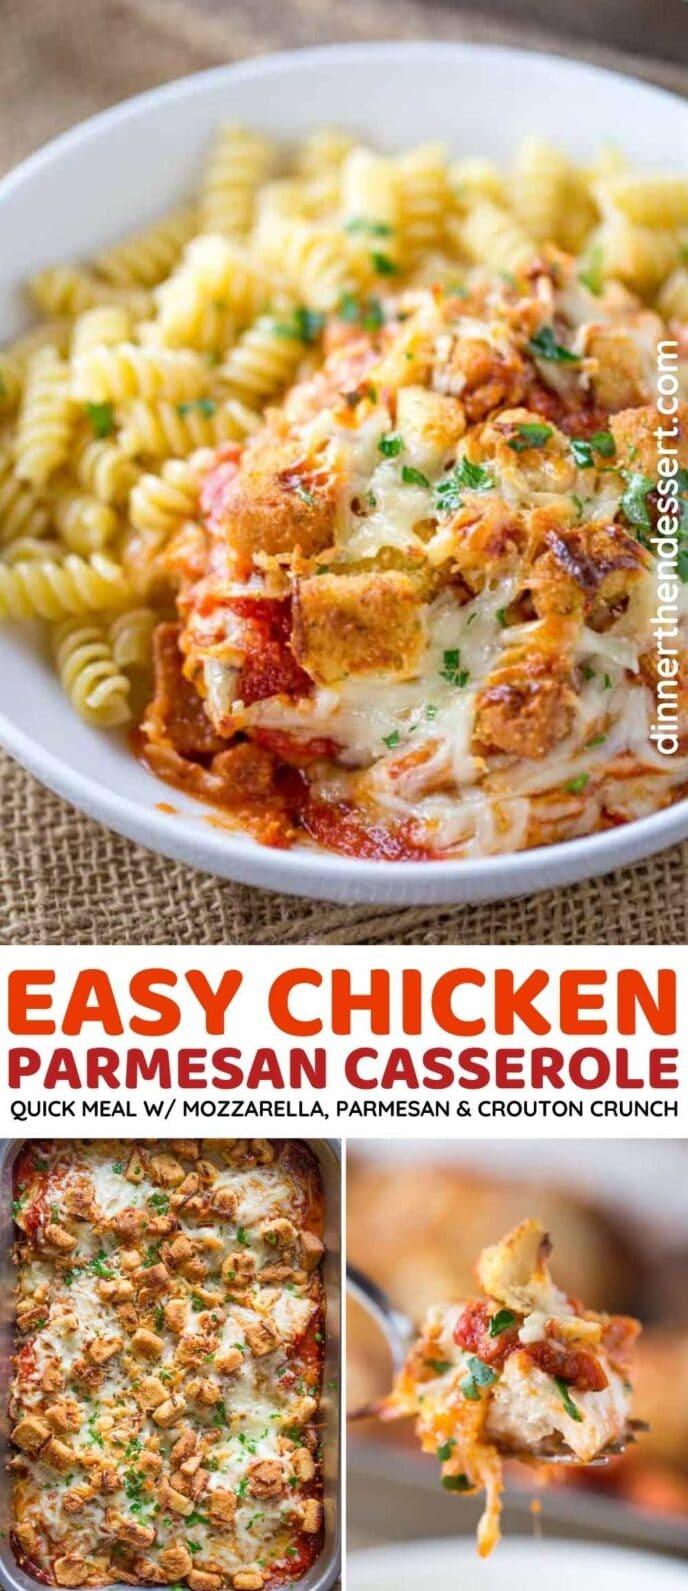 Chicken Parmesan Casserole collage